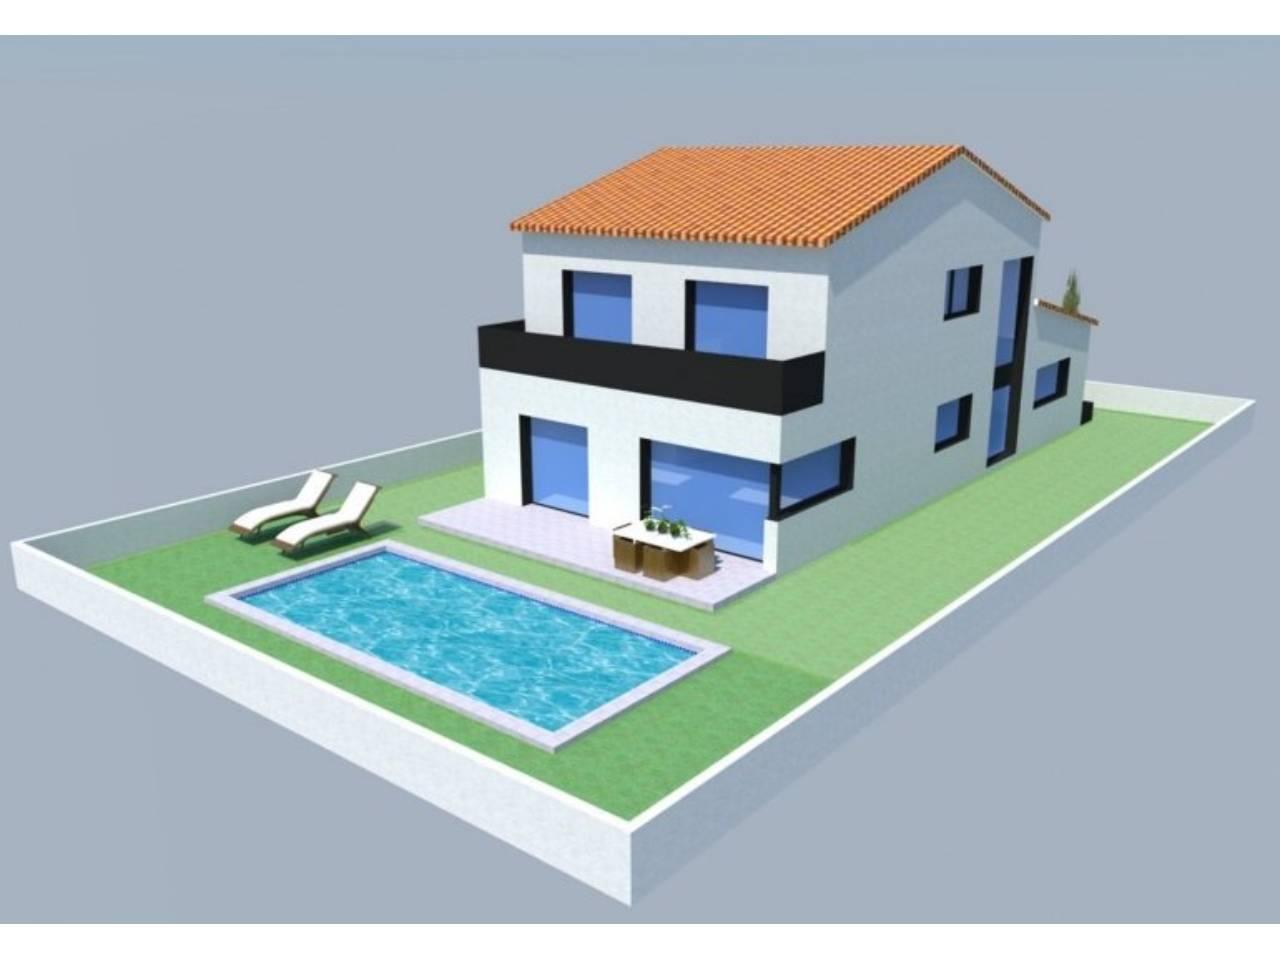 060447 - GARRIGUELLA Modelo casa PERALADA